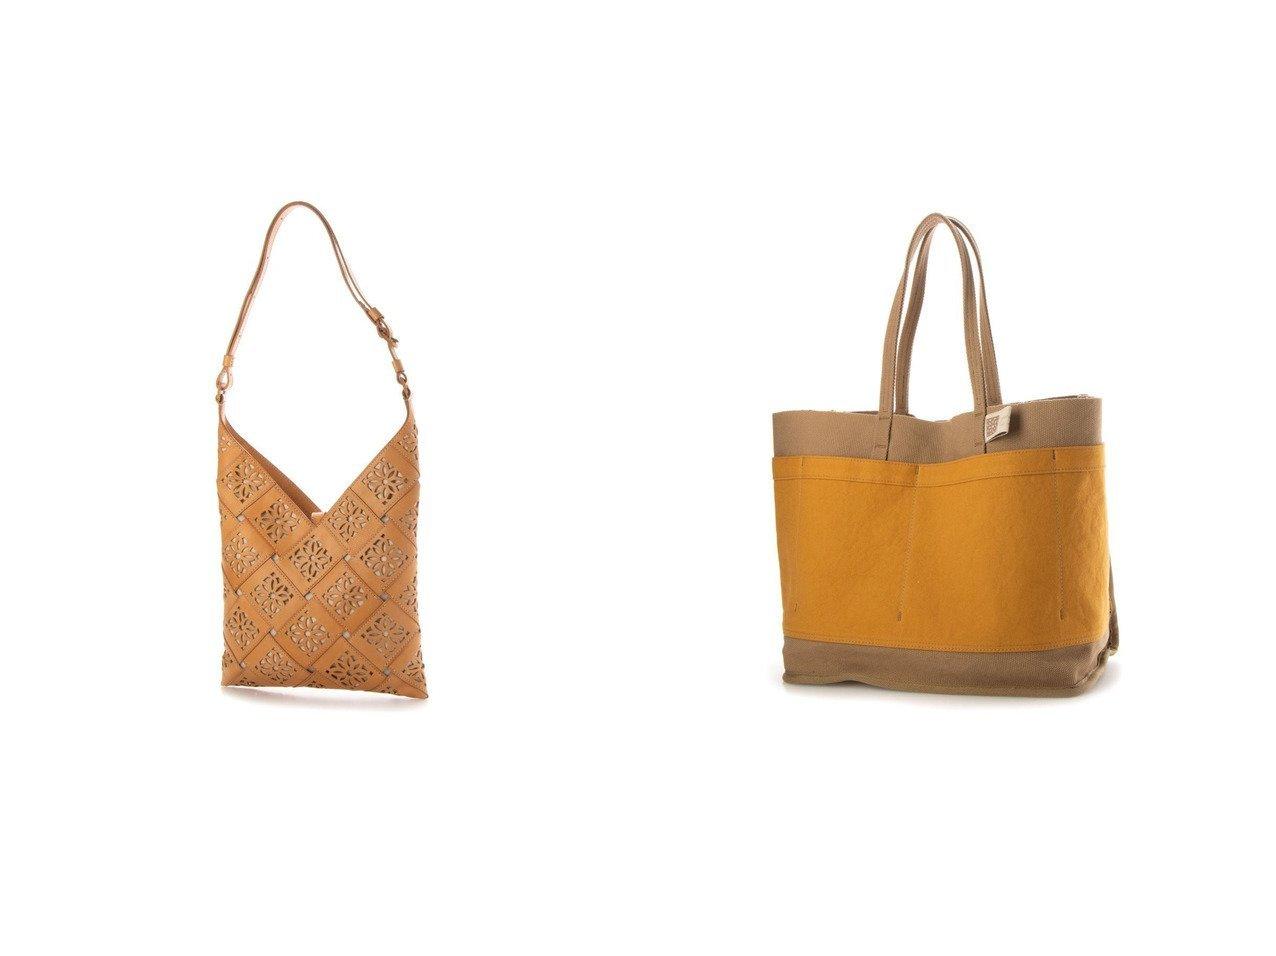 【genten/ゲンテン】のサスティナブルカットワーク ショルダーバッグ&ジャルディ キャンバストート大 【バッグ・鞄】おすすめ!人気、トレンド・レディースファッションの通販 おすすめで人気の流行・トレンド、ファッションの通販商品 インテリア・家具・メンズファッション・キッズファッション・レディースファッション・服の通販 founy(ファニー) https://founy.com/ ファッション Fashion レディースファッション WOMEN バッグ Bag 春 Spring 財布 定番 Standard パターン ワーク 2021年 2021 S/S・春夏 SS・Spring/Summer 2021春夏・S/S SS/Spring/Summer/2021 ウォッシャブル モチーフ リバーシブル |ID:crp329100000044117